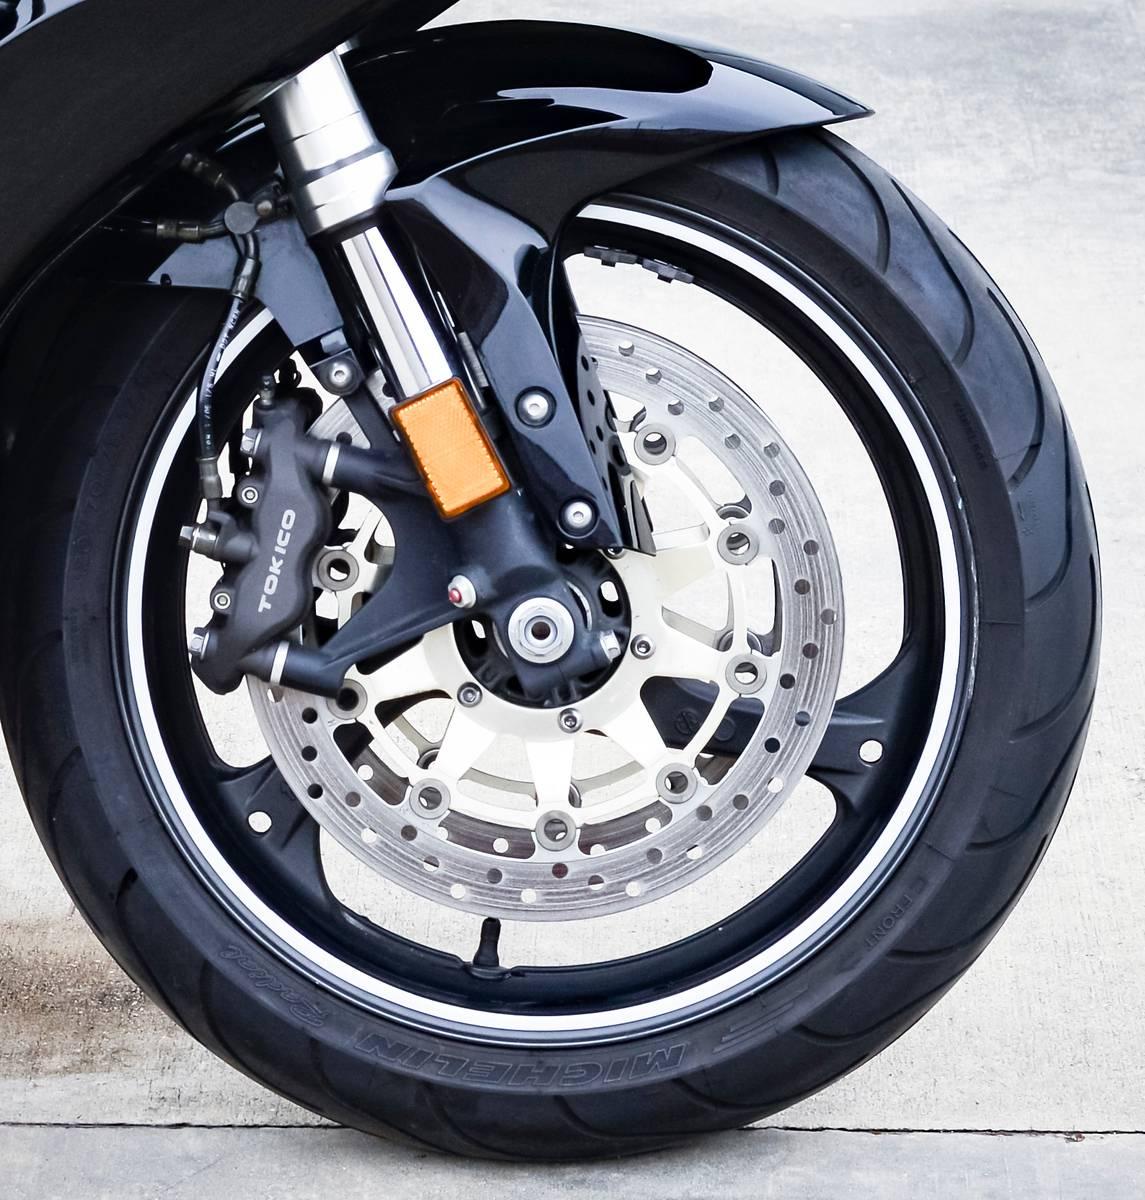 2006 Honda CBR1000RR 4